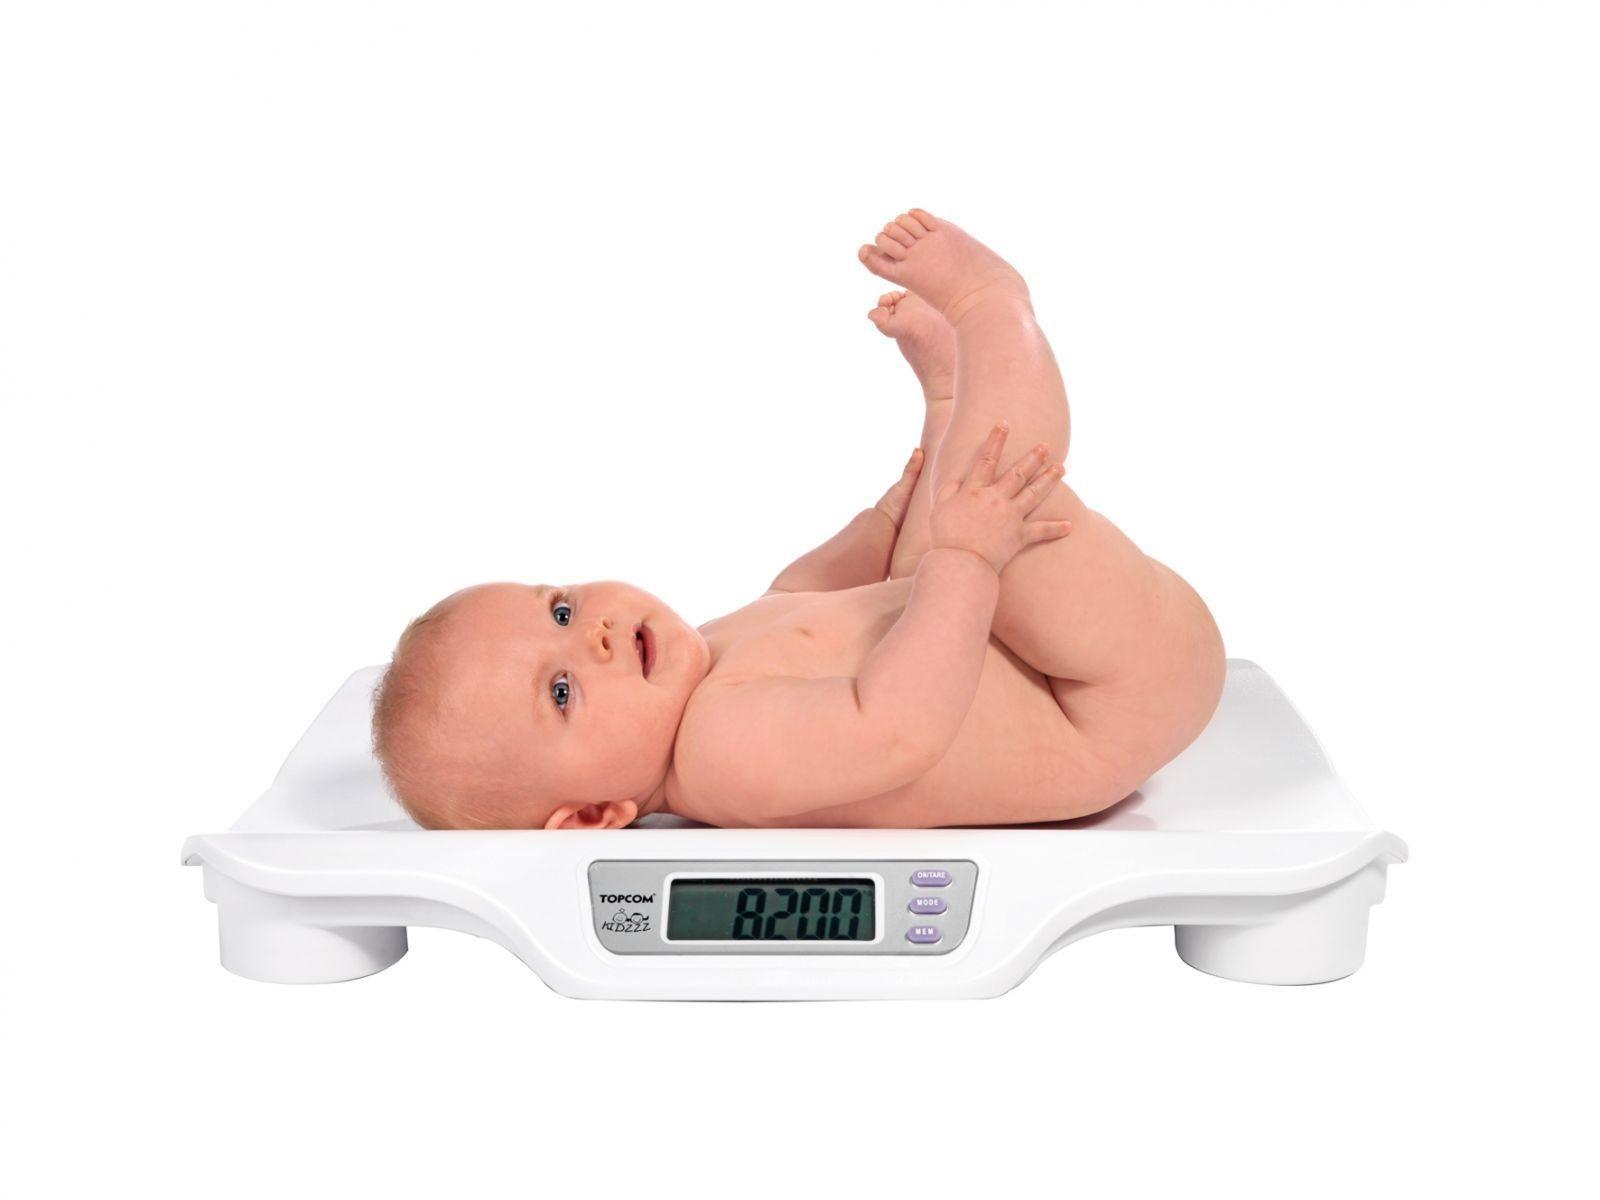 Люди, родившиеся снизким весом, не всостоянии навысокую физическую активность